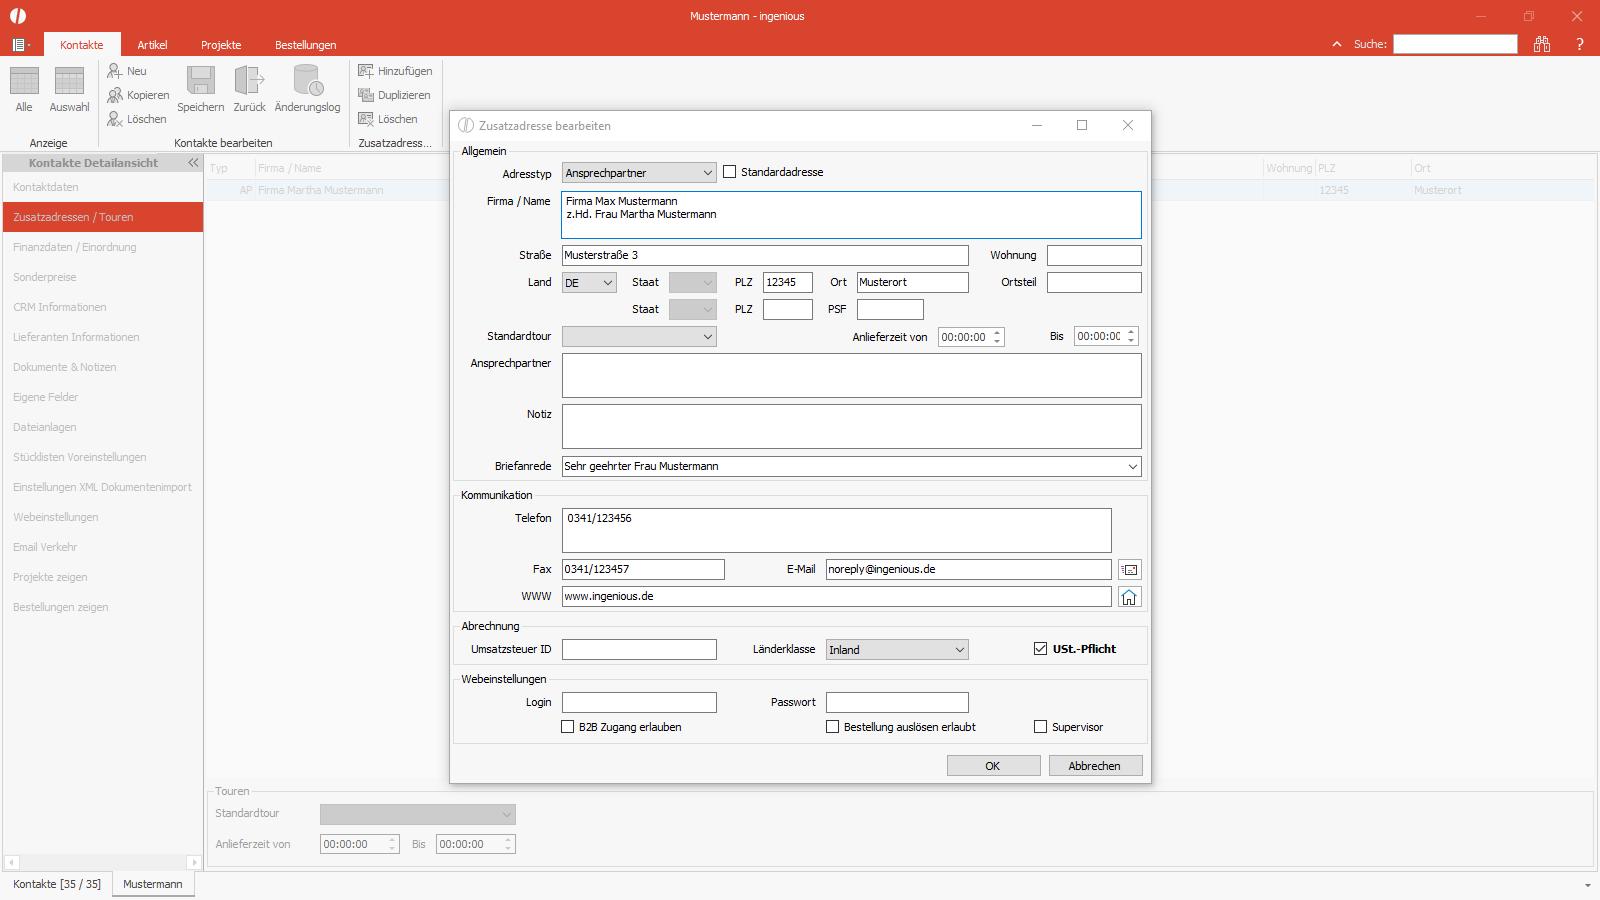 Ingenious Software Kontakte Detailansicht Zusatzadressen